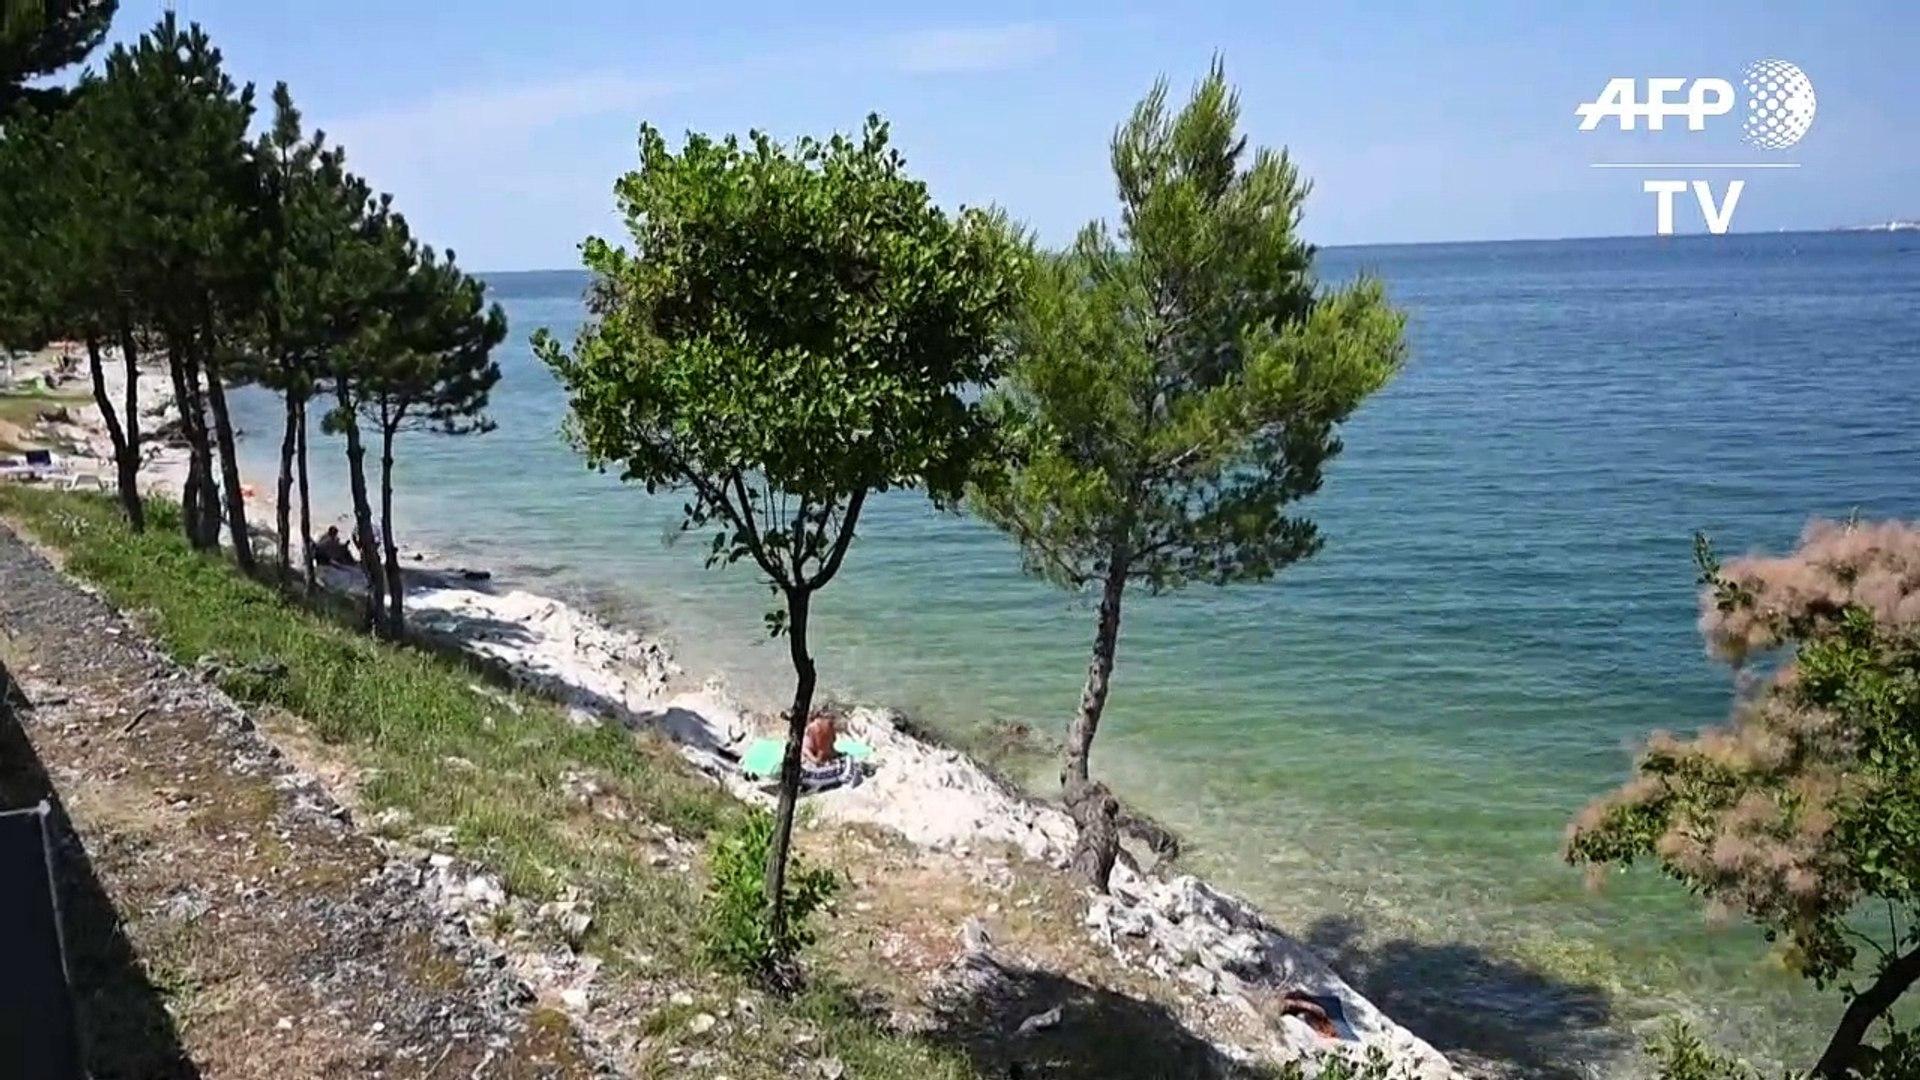 Video strand am nackt fkk Fkk Strand